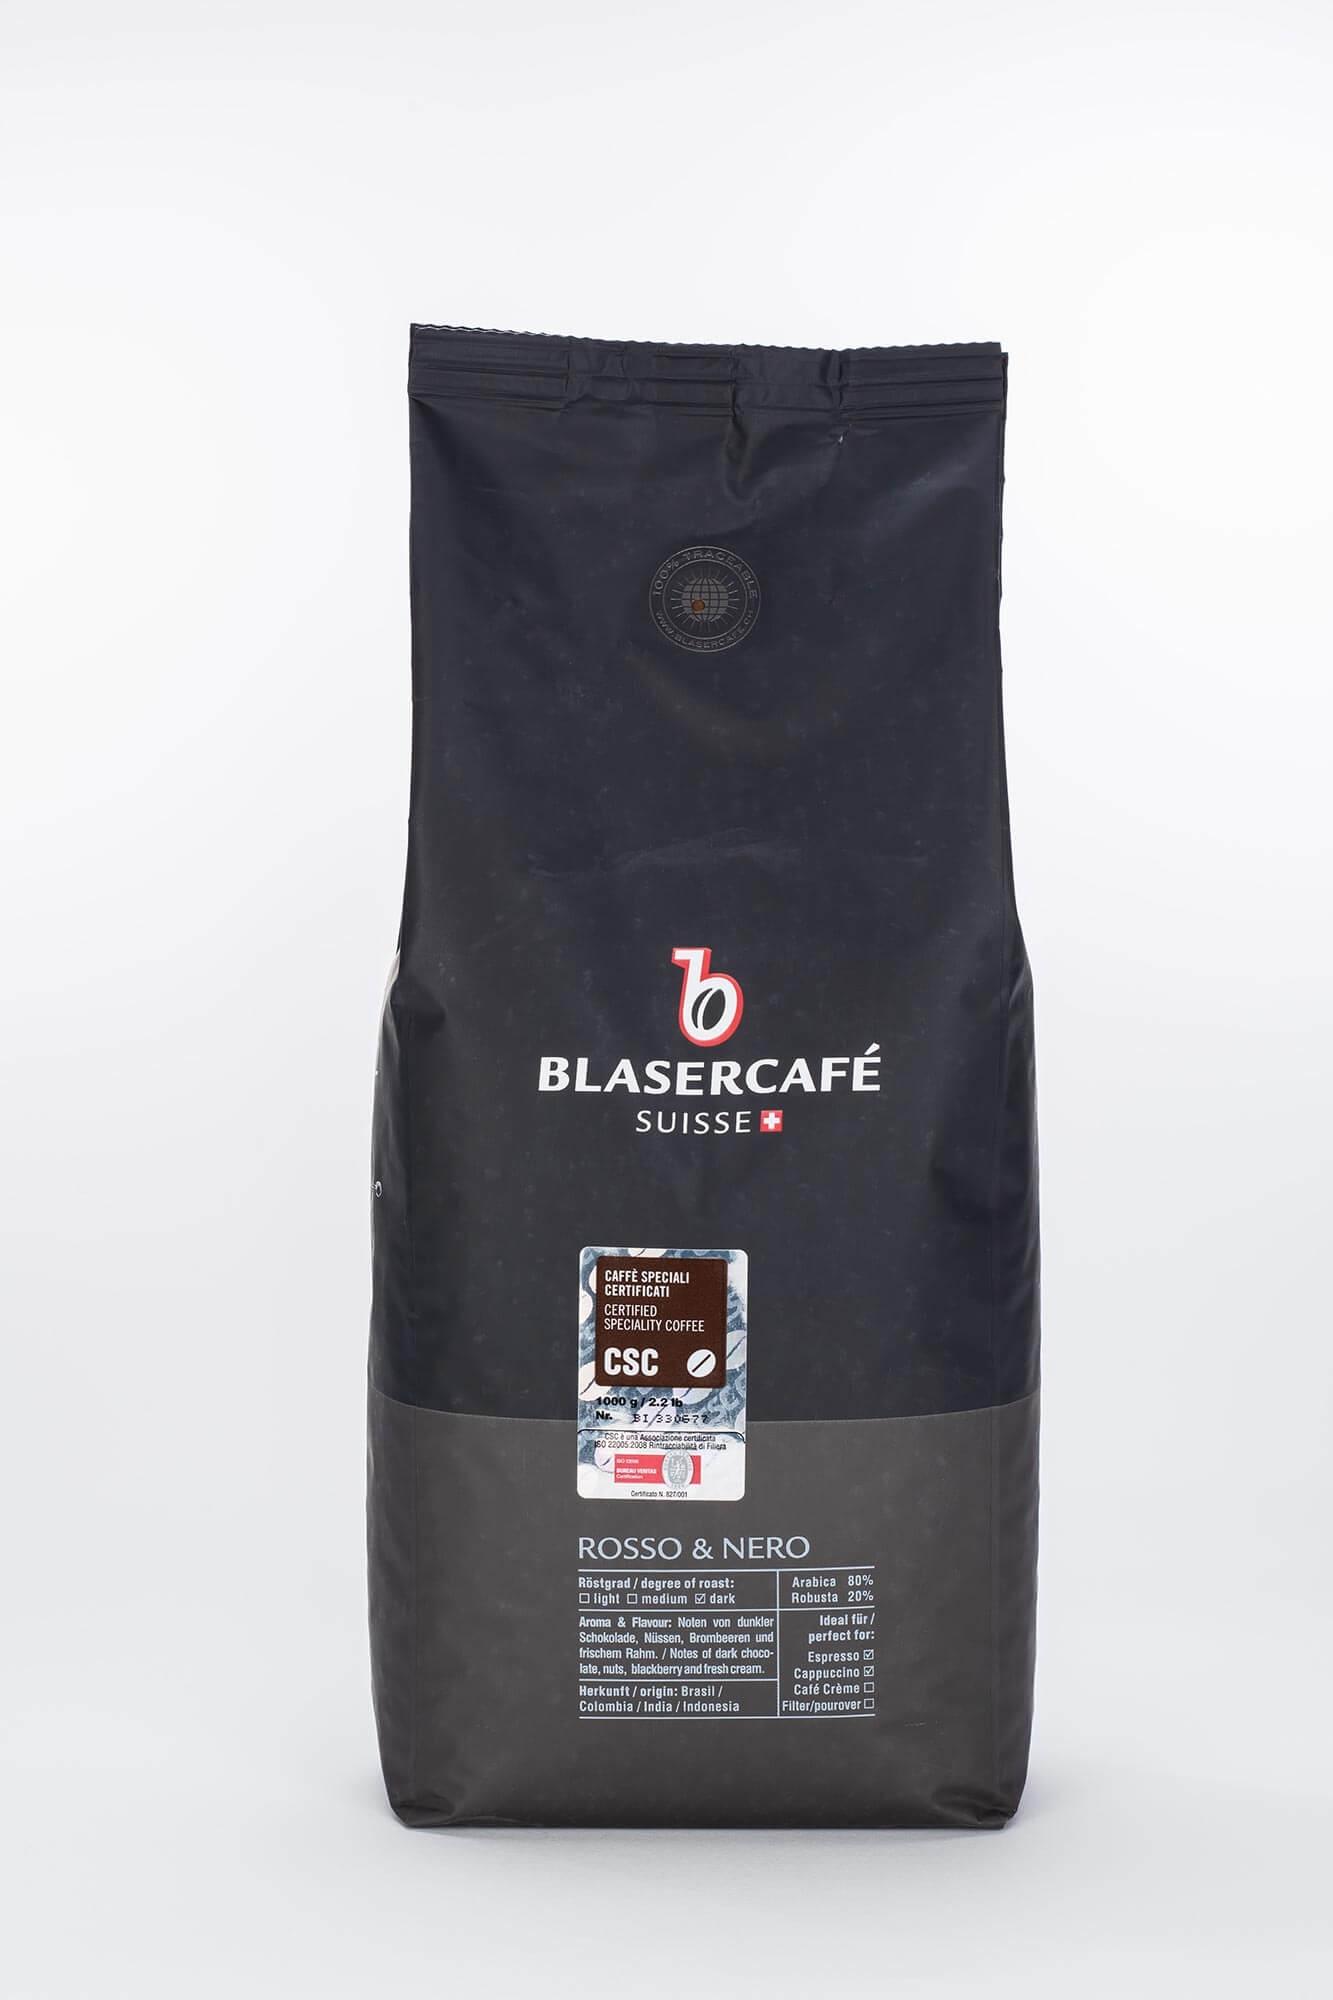 blaser caf rosso e nero 1kg online kaufen roast market. Black Bedroom Furniture Sets. Home Design Ideas